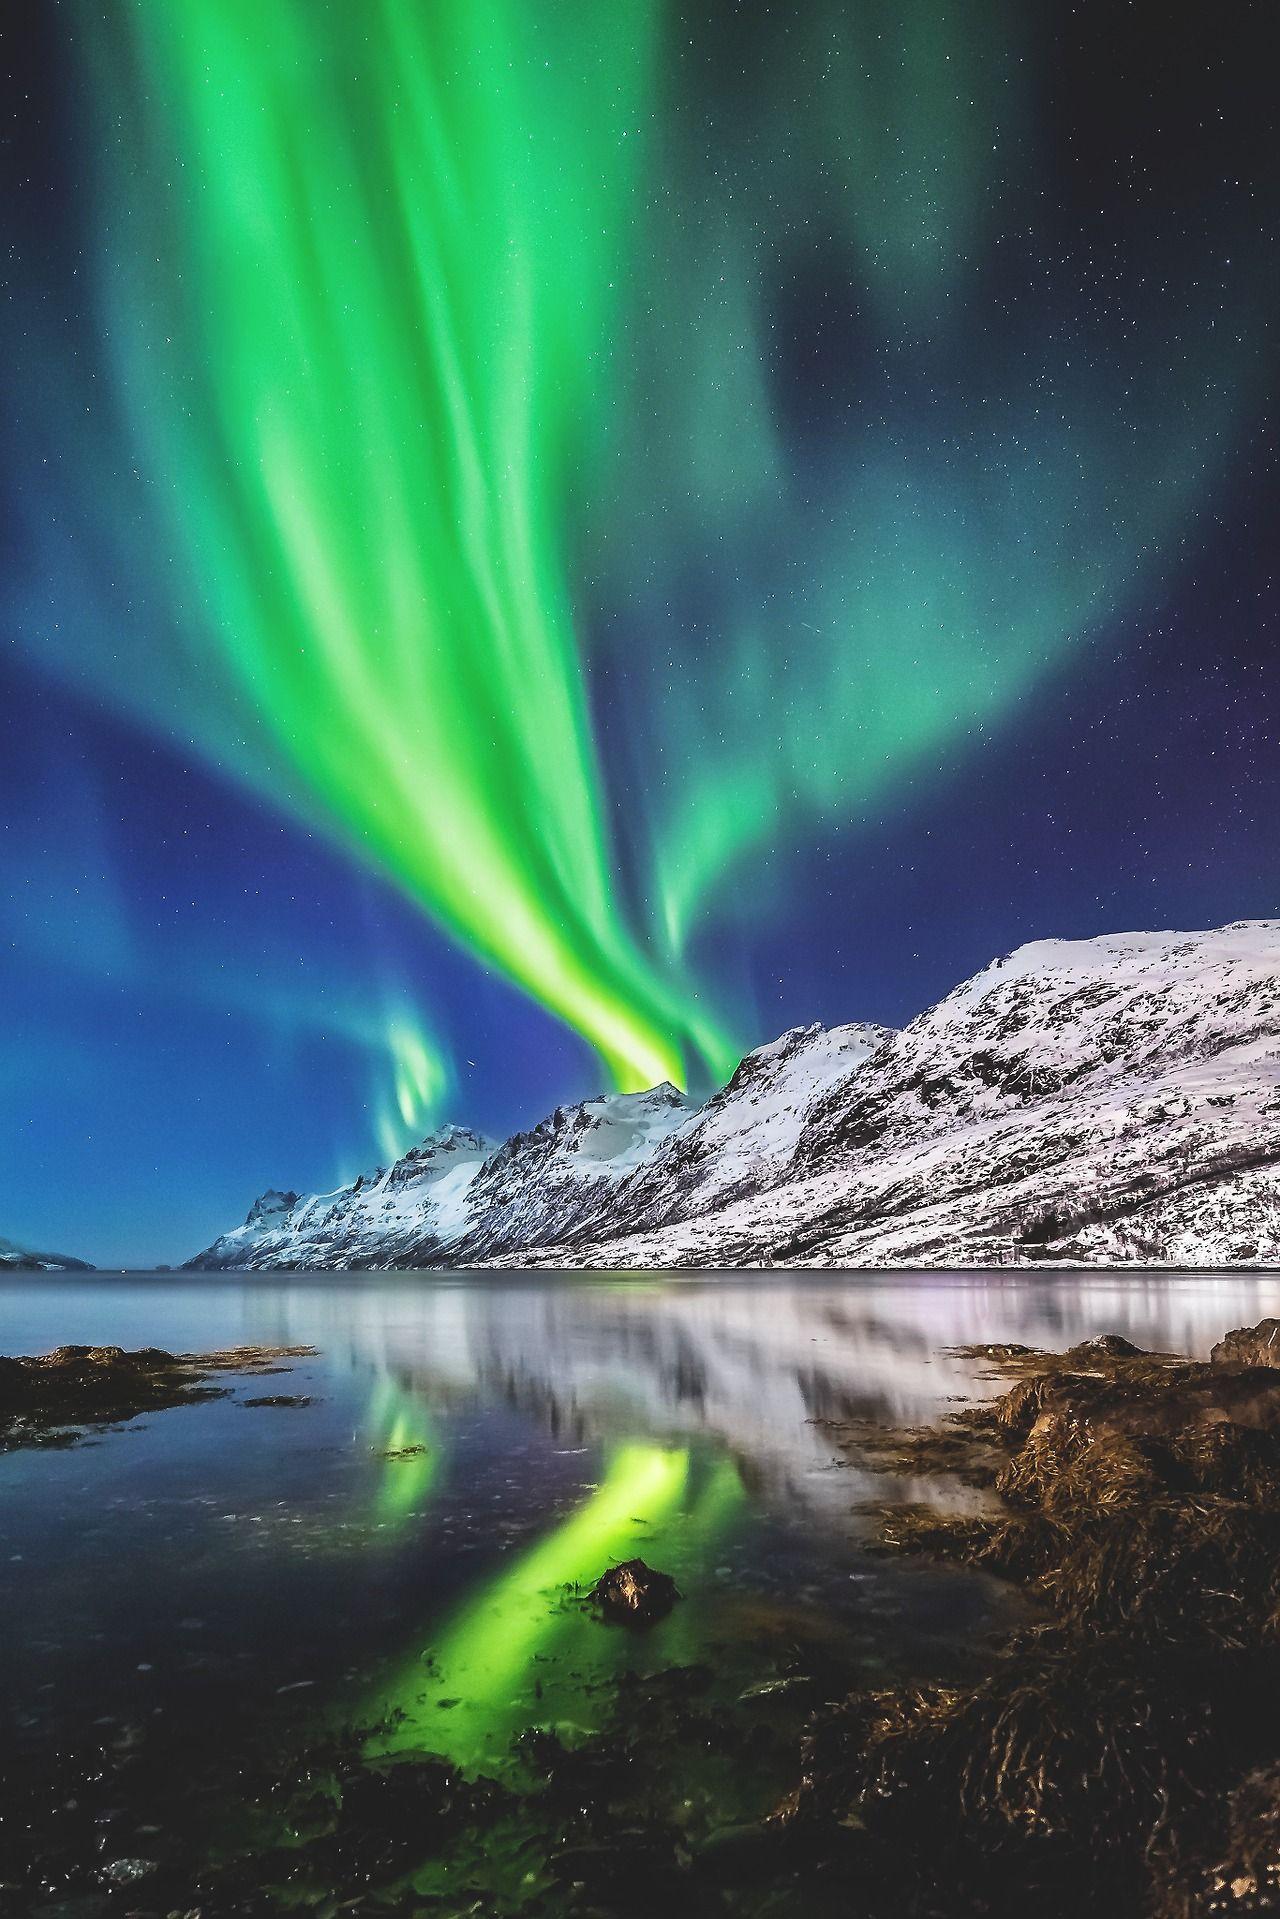 ωanderlust Aurora borealis, Northern lights, Aurora